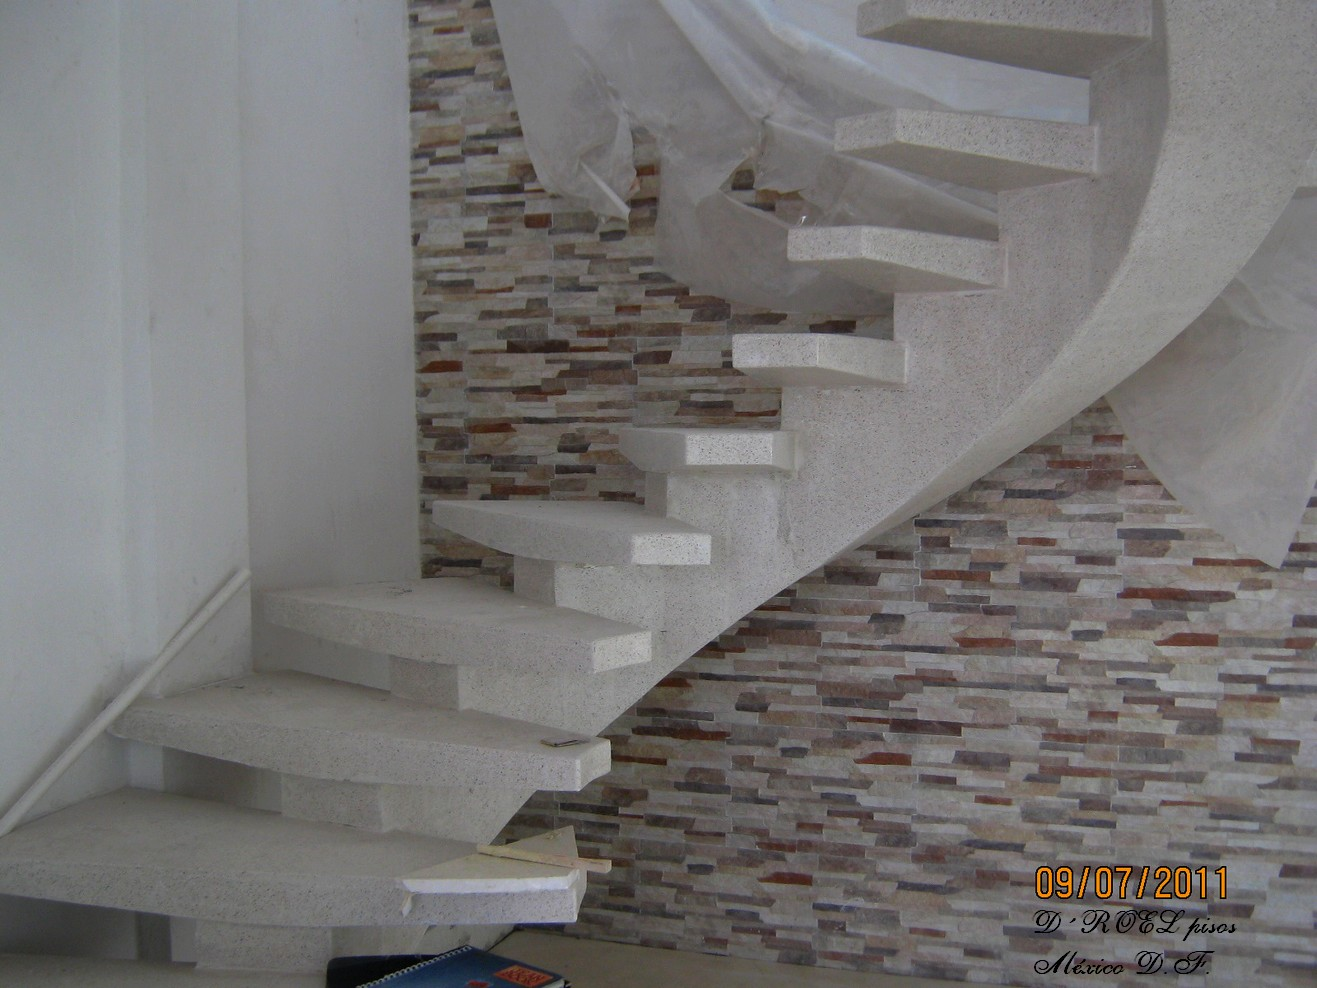 Droelpisosmexico escaleras for Medidas de escaleras de concreto